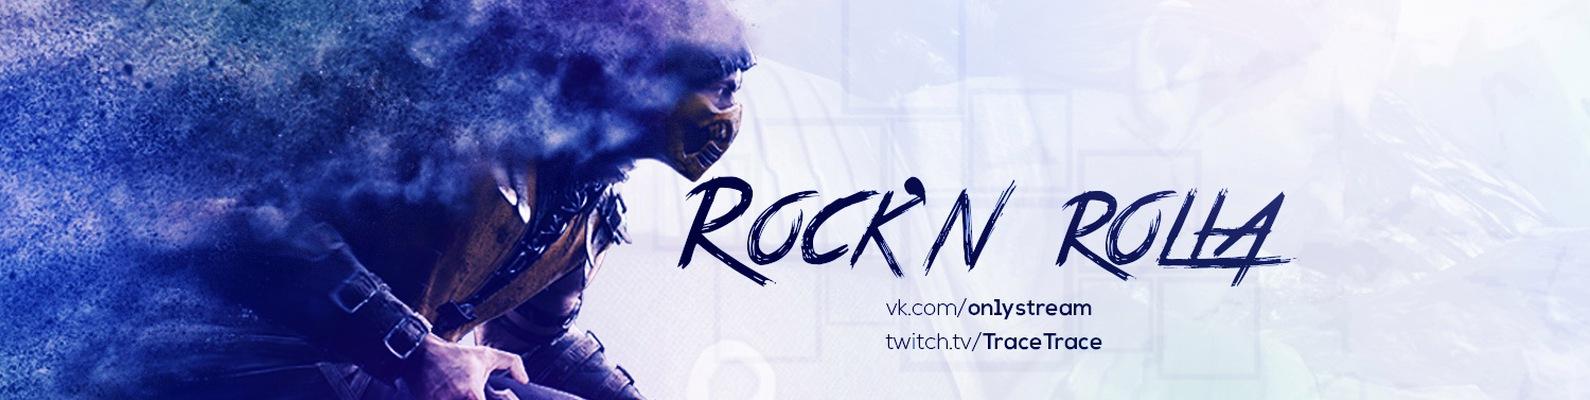 rock n rolla stream